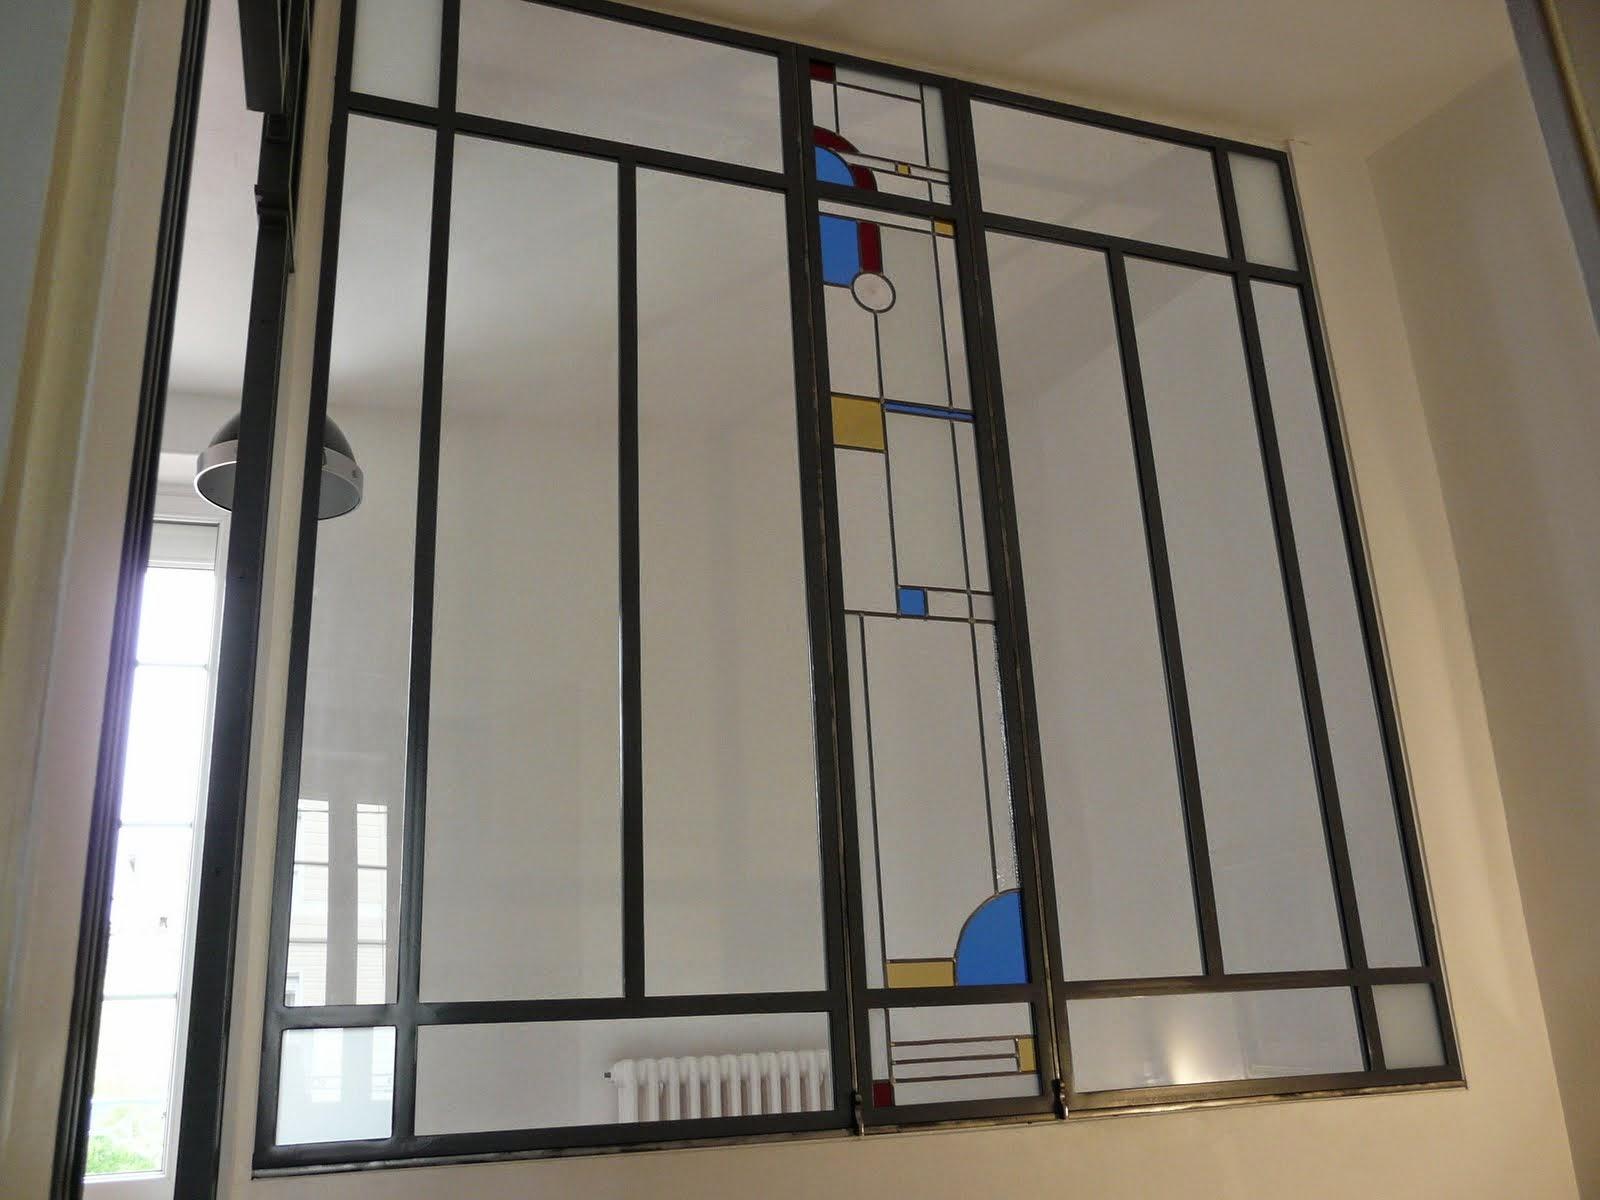 Des id es en verre vitraux art d co dans une verri re for Verre pour verriere